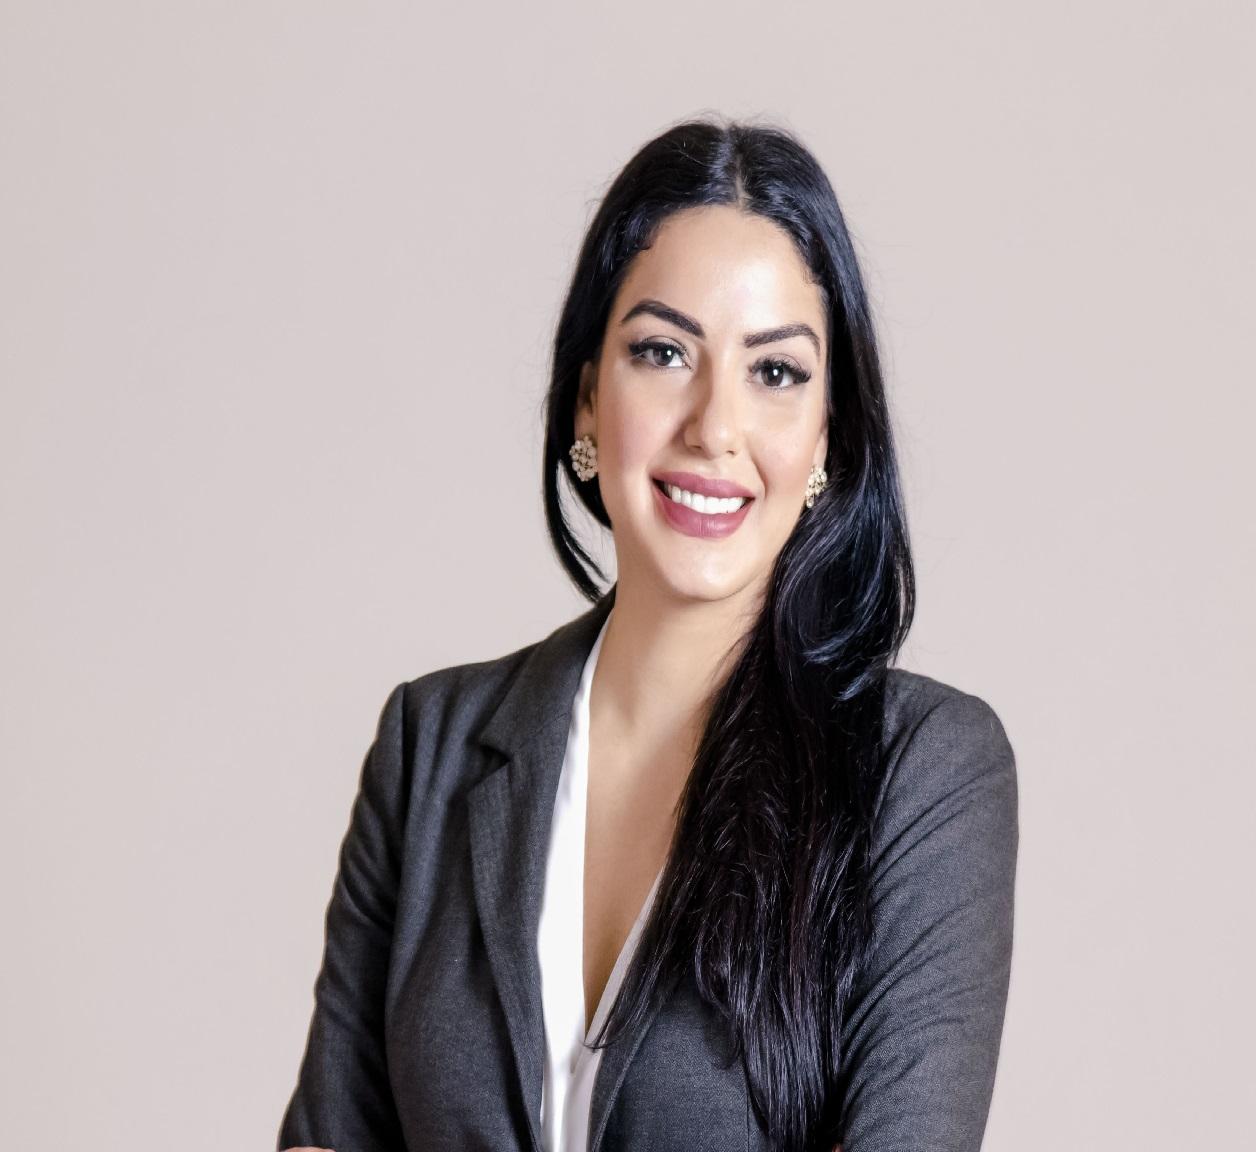 سناء عزام، المدير العام لمؤسسة